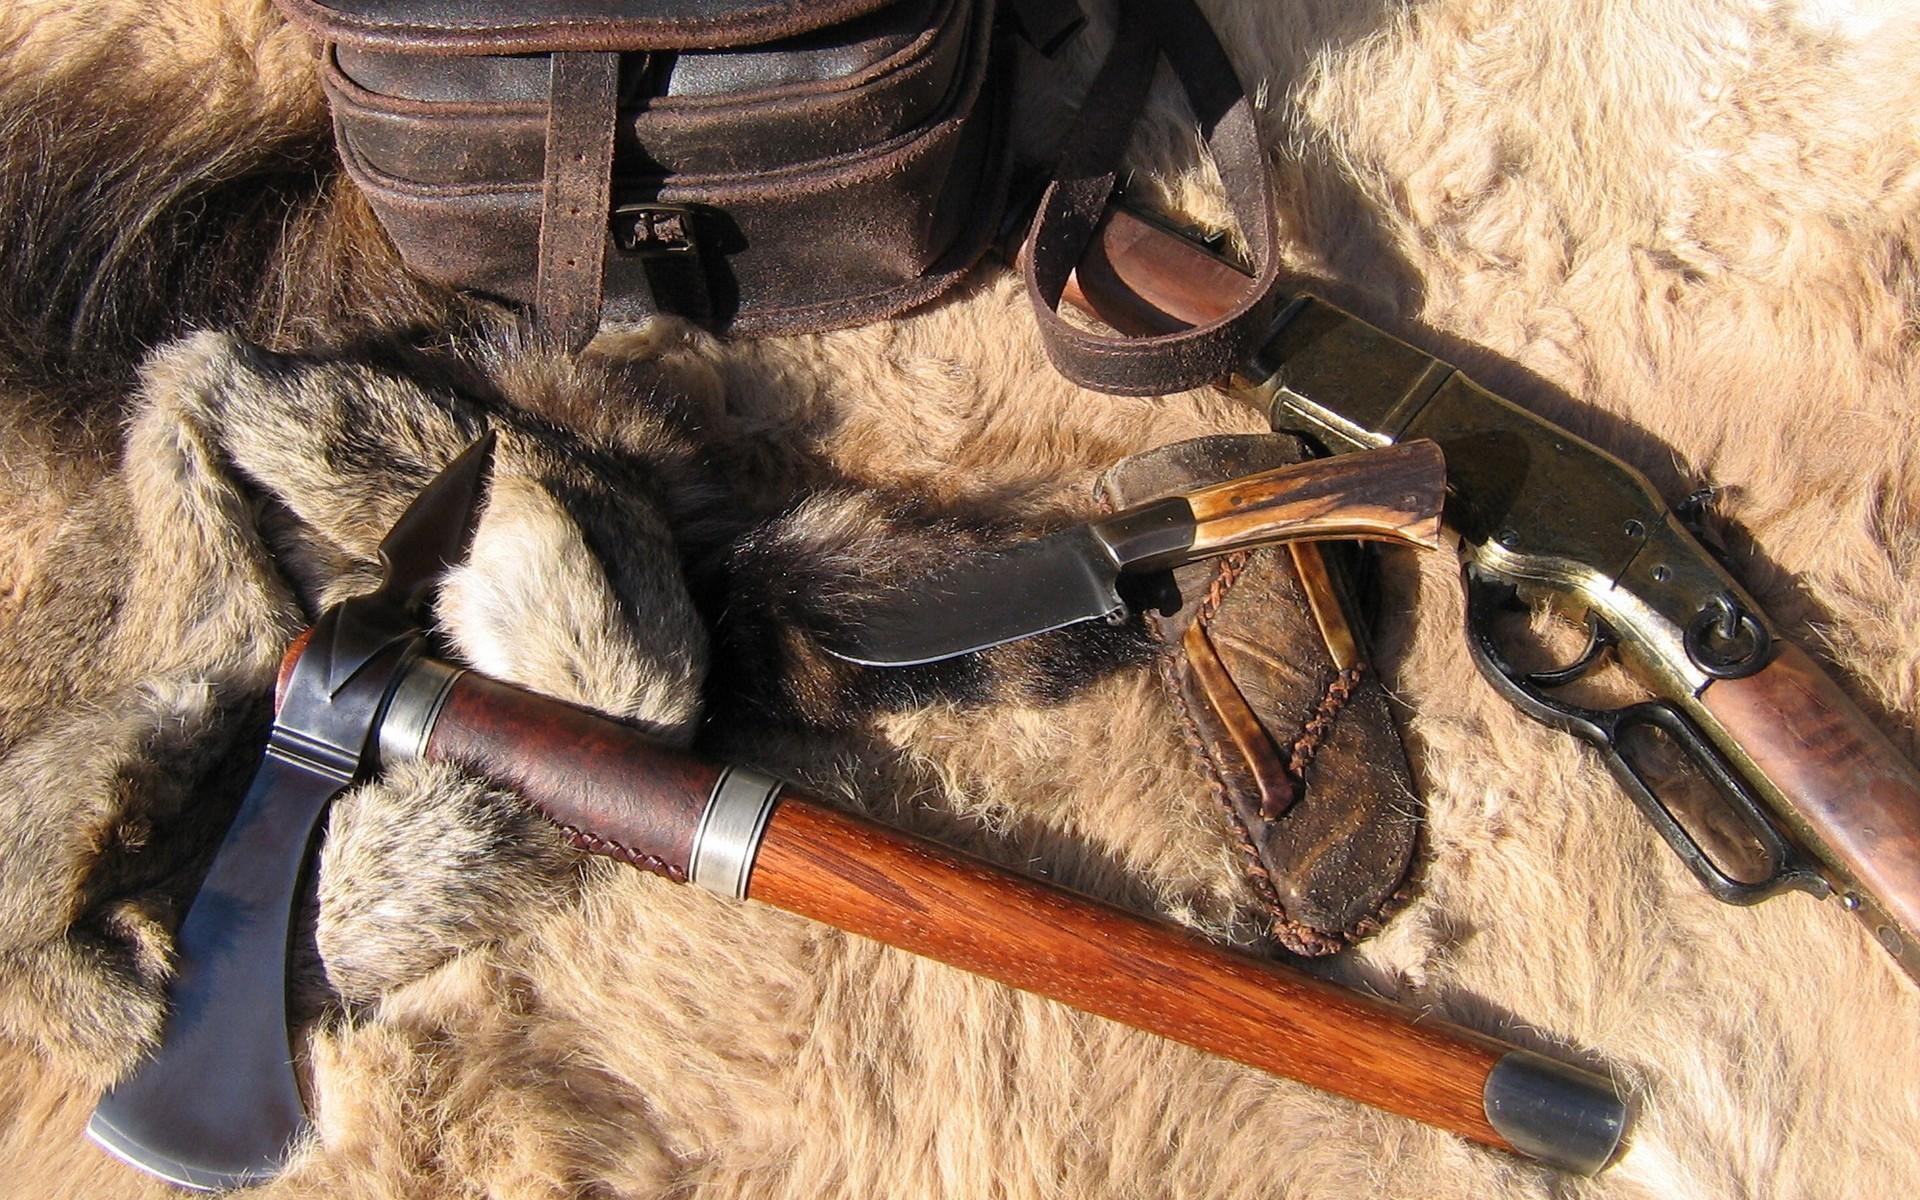 Armas y cacería - 1920x1200